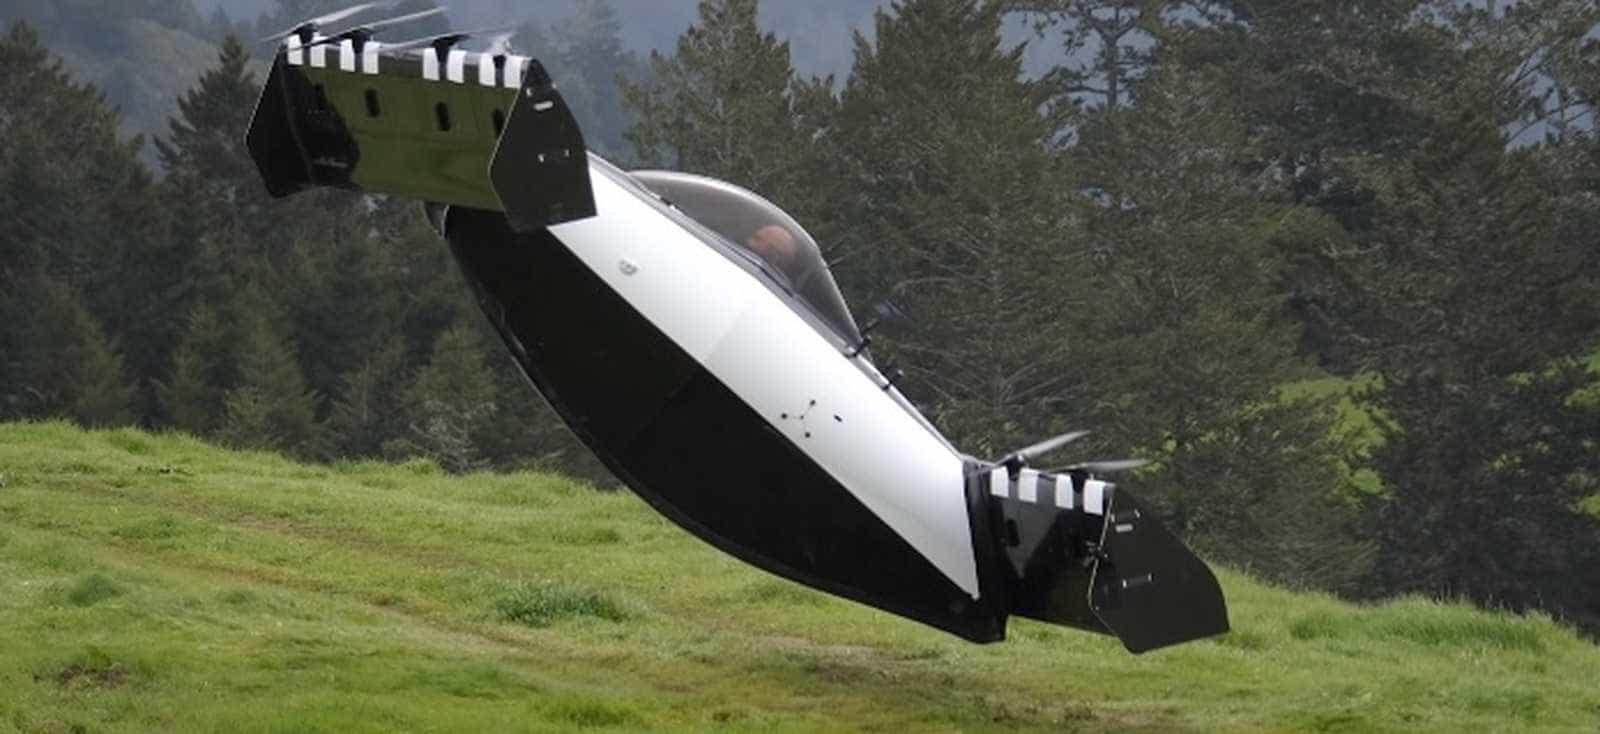 Veículo voador do cofundador da Google chegará ao mercado em 2019